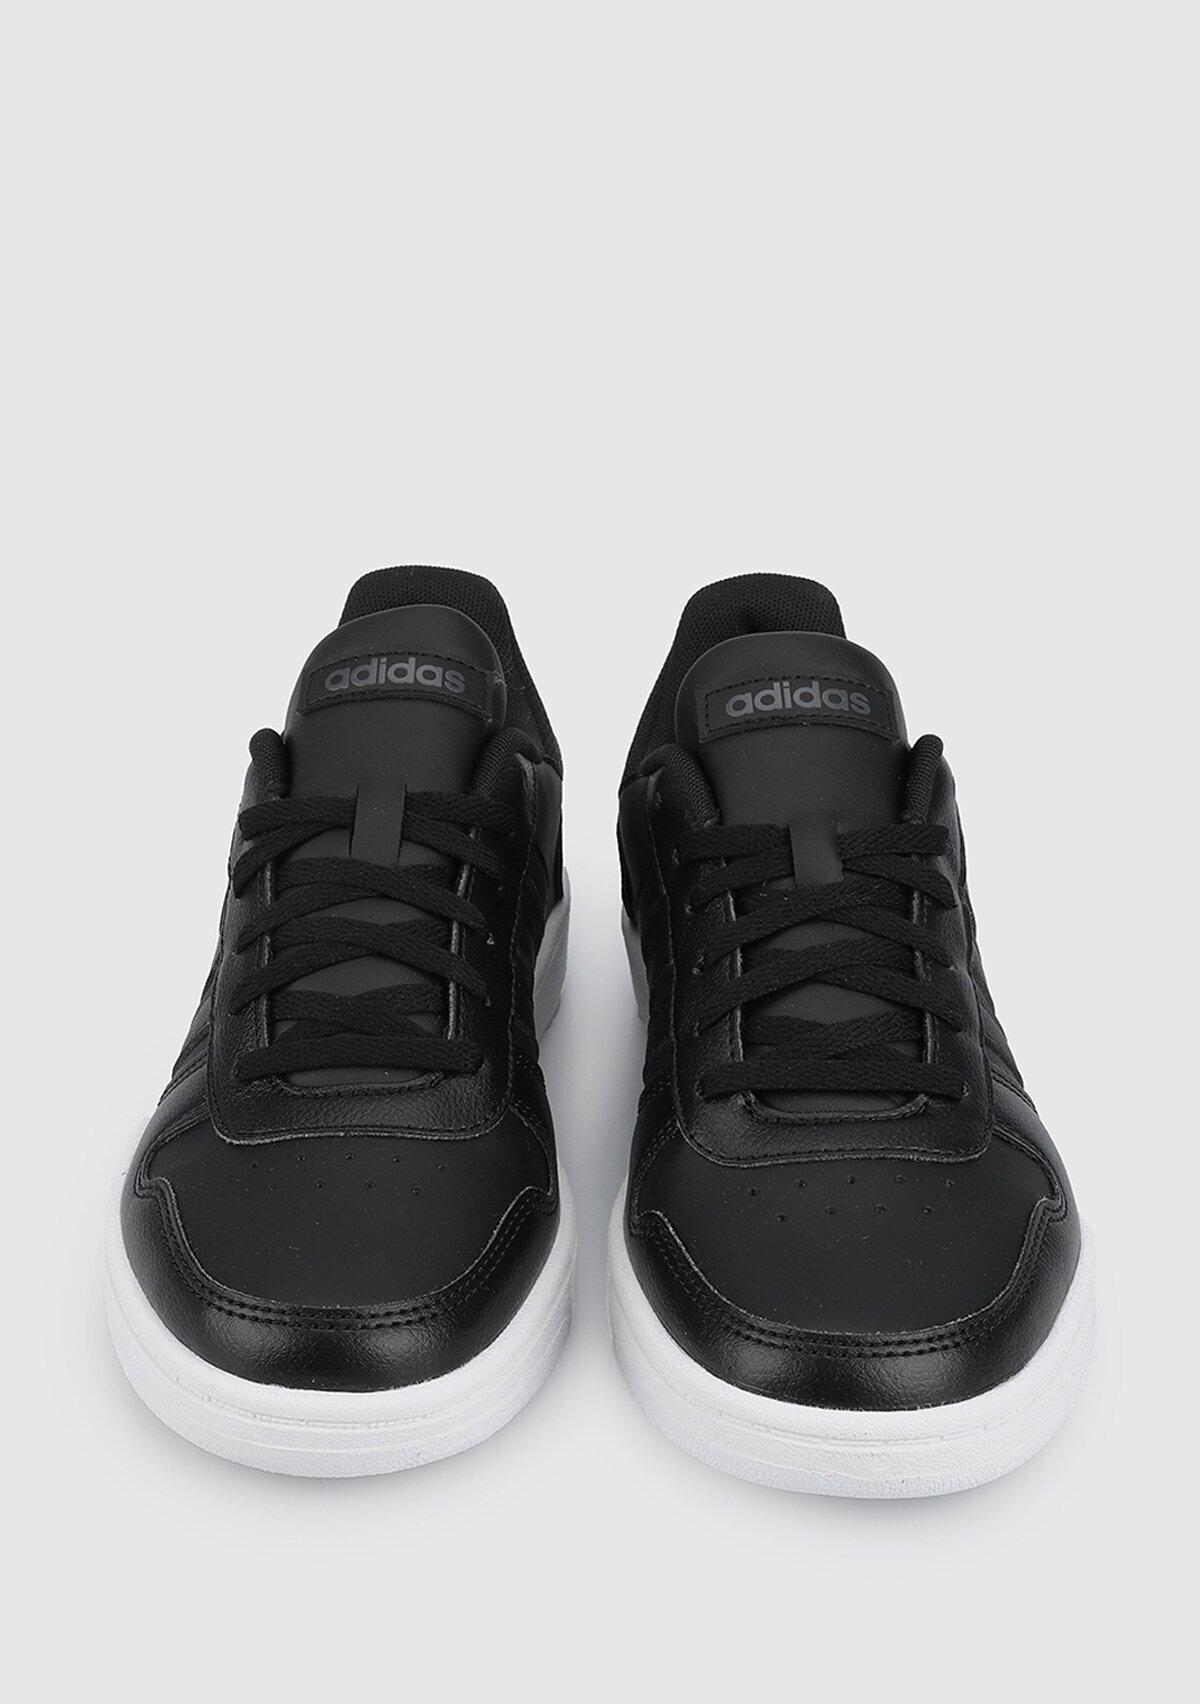 resm Hoops 2.0 Siyah Kadın Basketbol Ayakkabısı FY6025